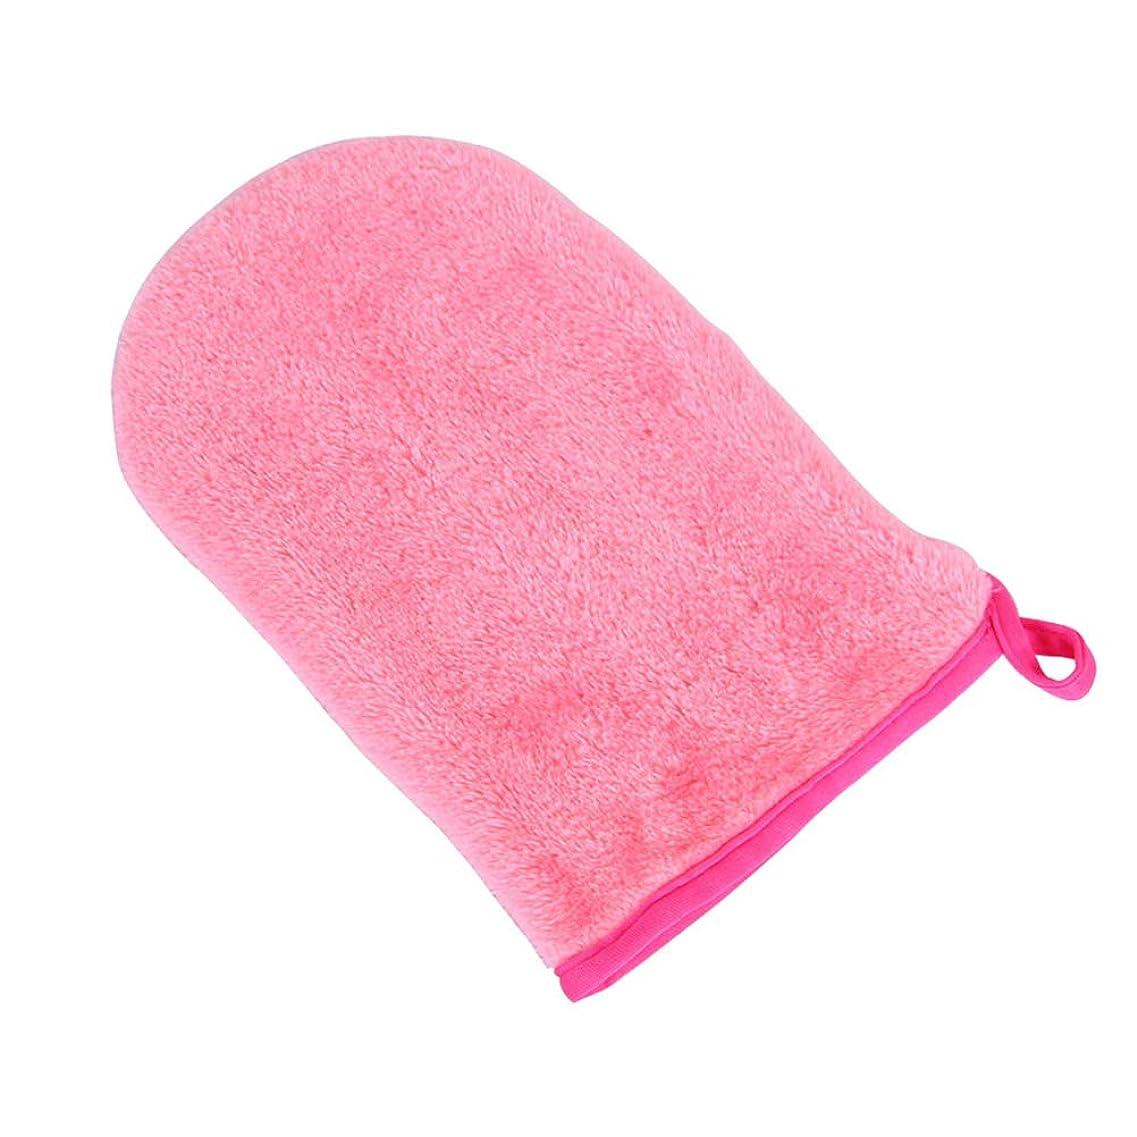 病気領収書ピットHEALIFTY フェイシャルクリーニンググローブメークアップリムーバー手袋再利用可能なフェイシャルクロスパッド(ロージー)